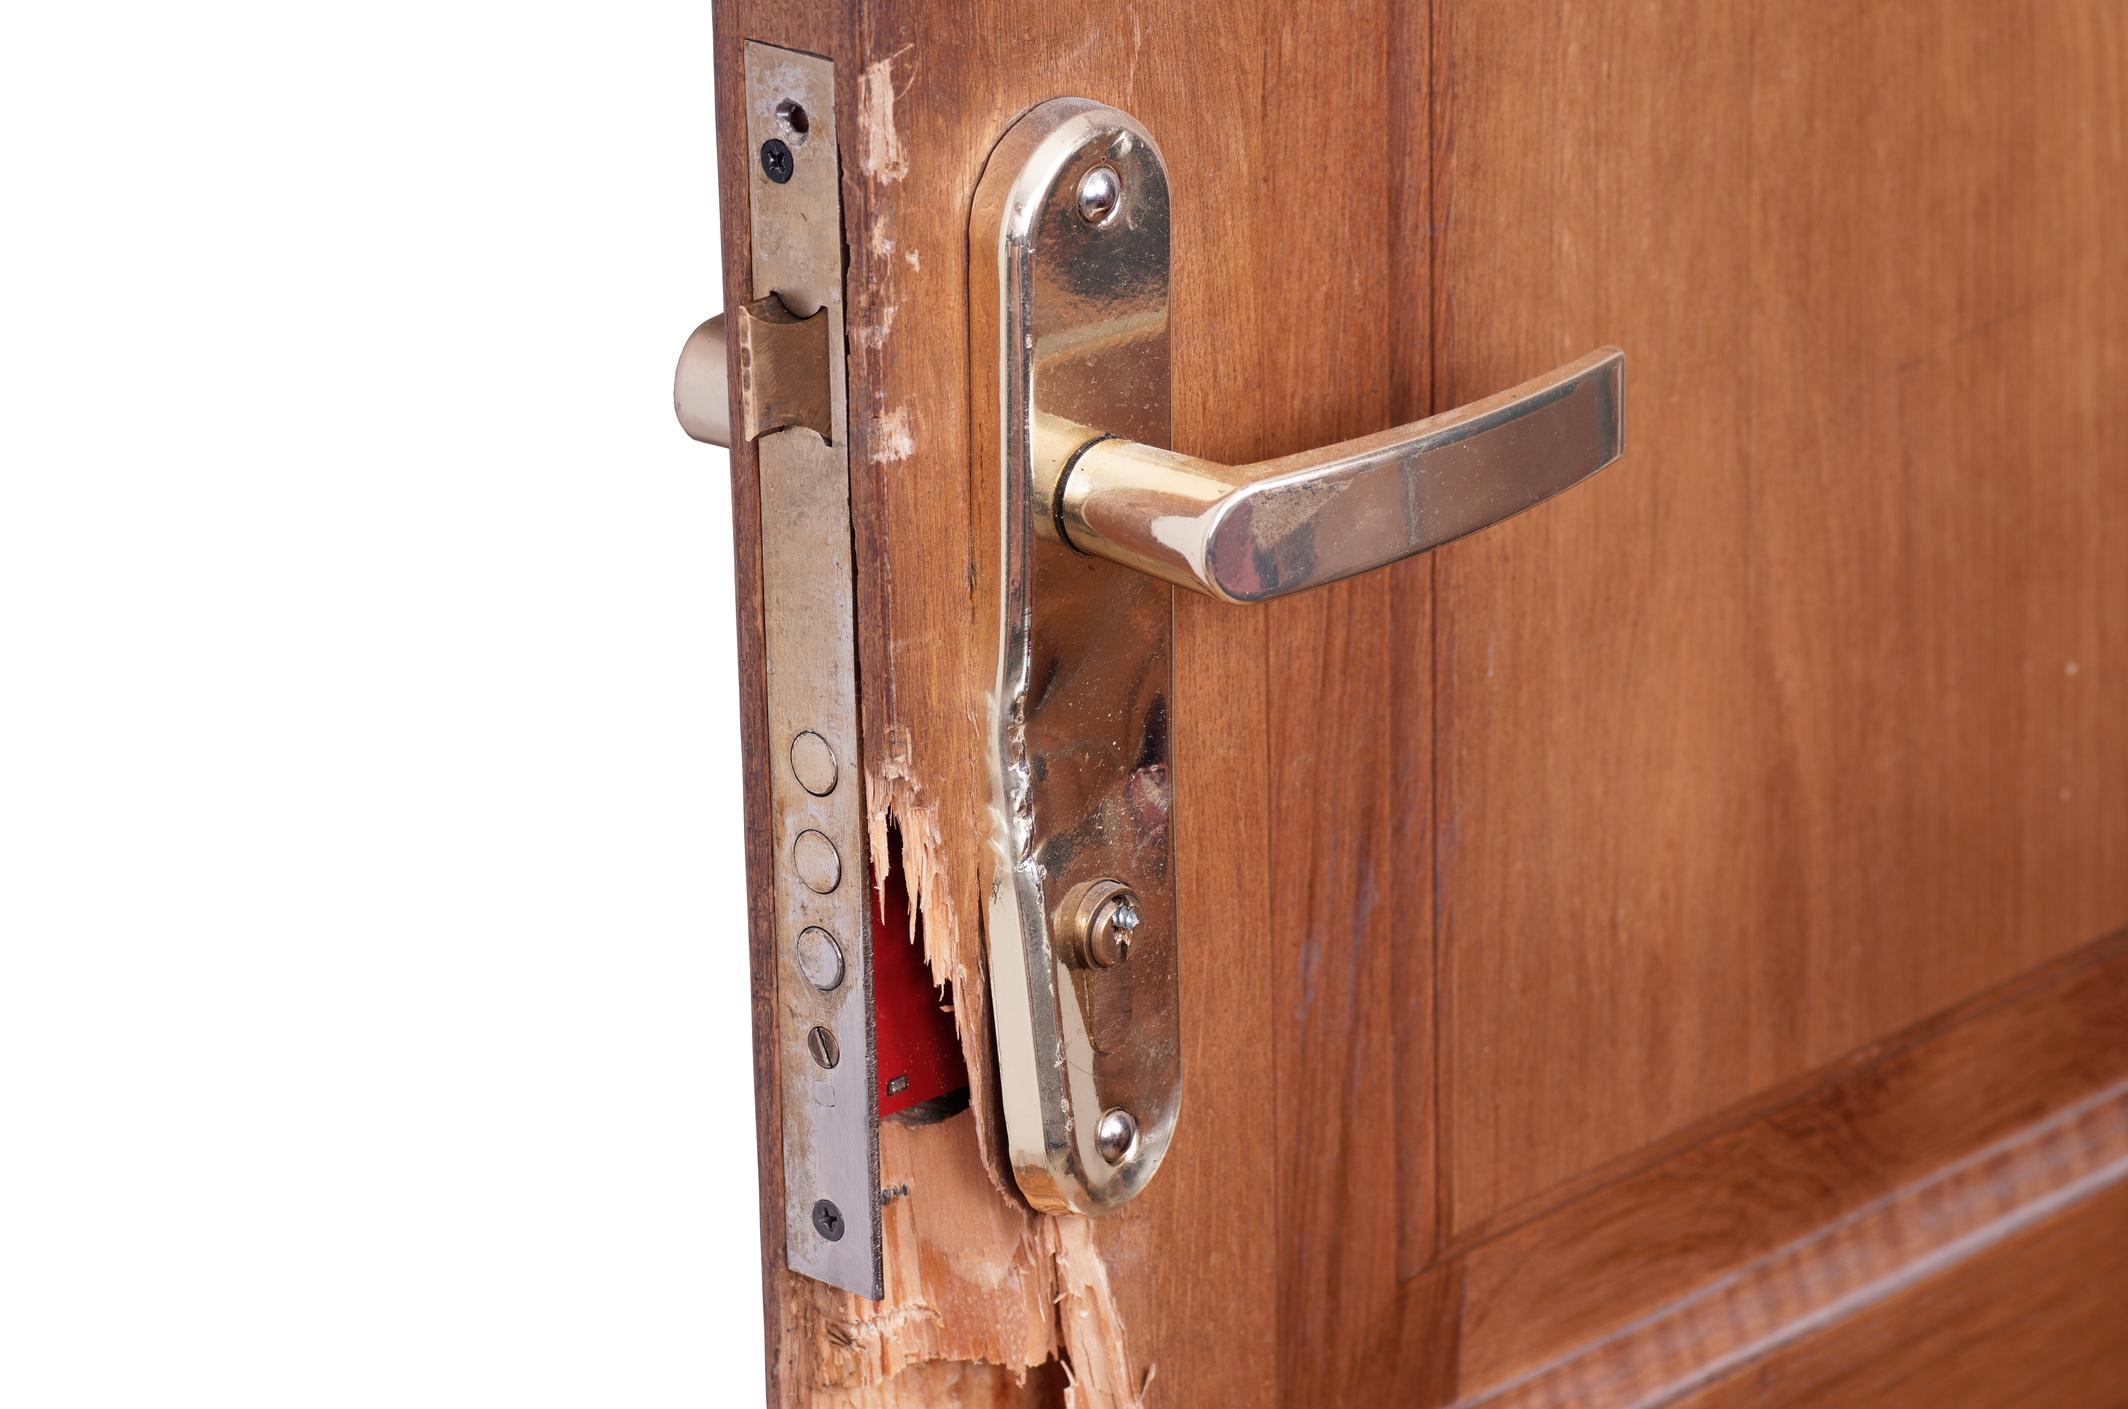 A broken door in someone's home